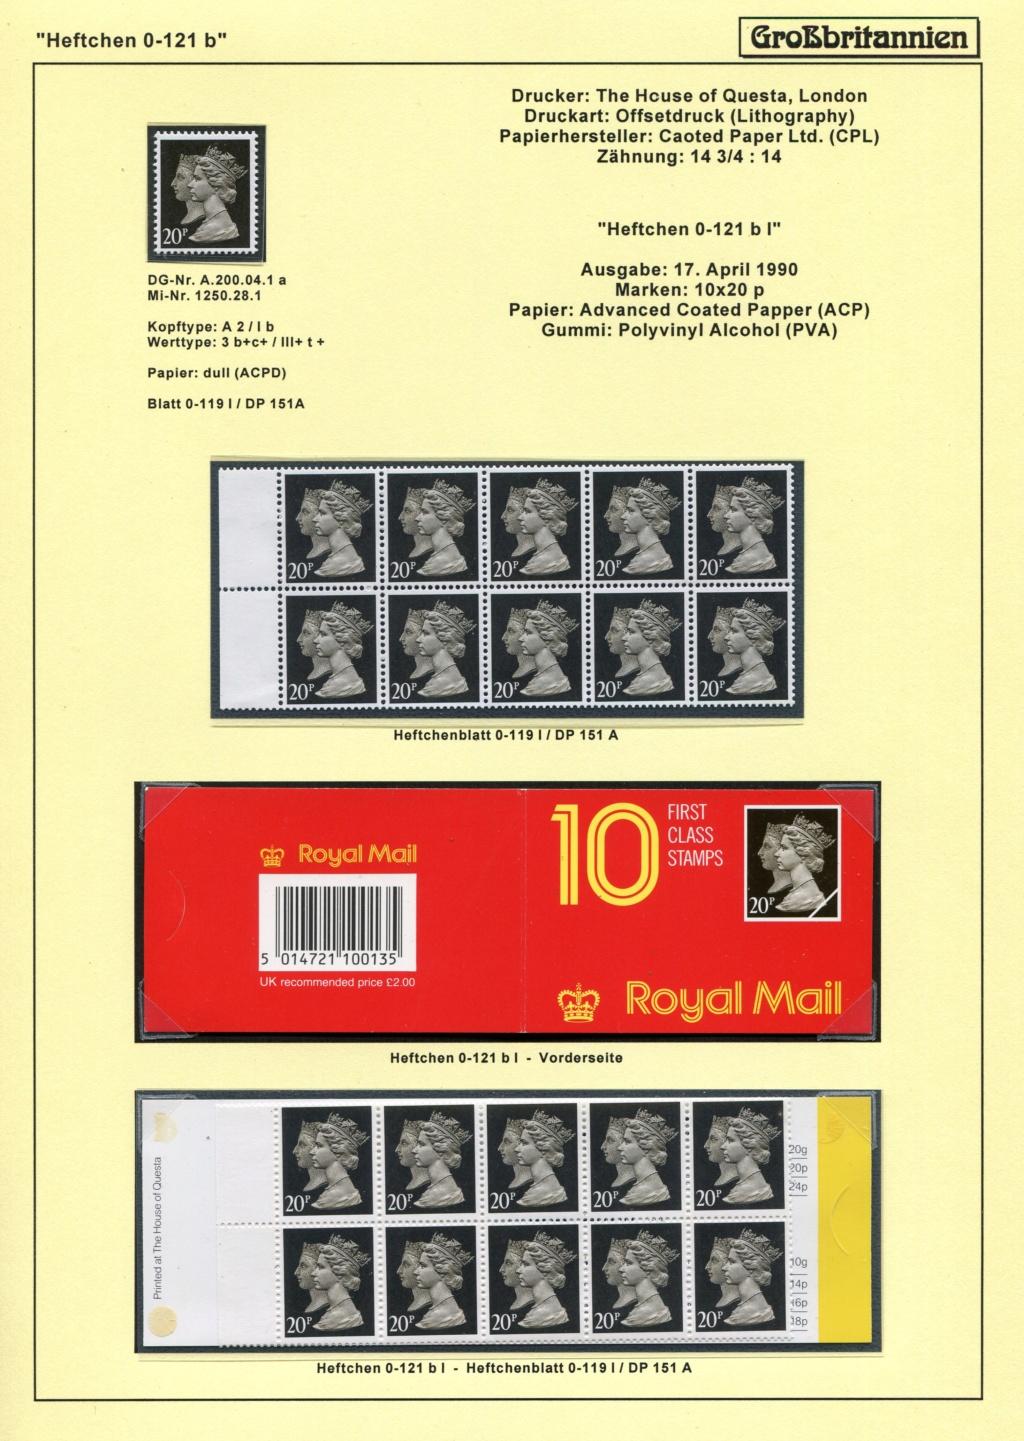 Großbritannien - 150 Jahre Briefmarken Black_53